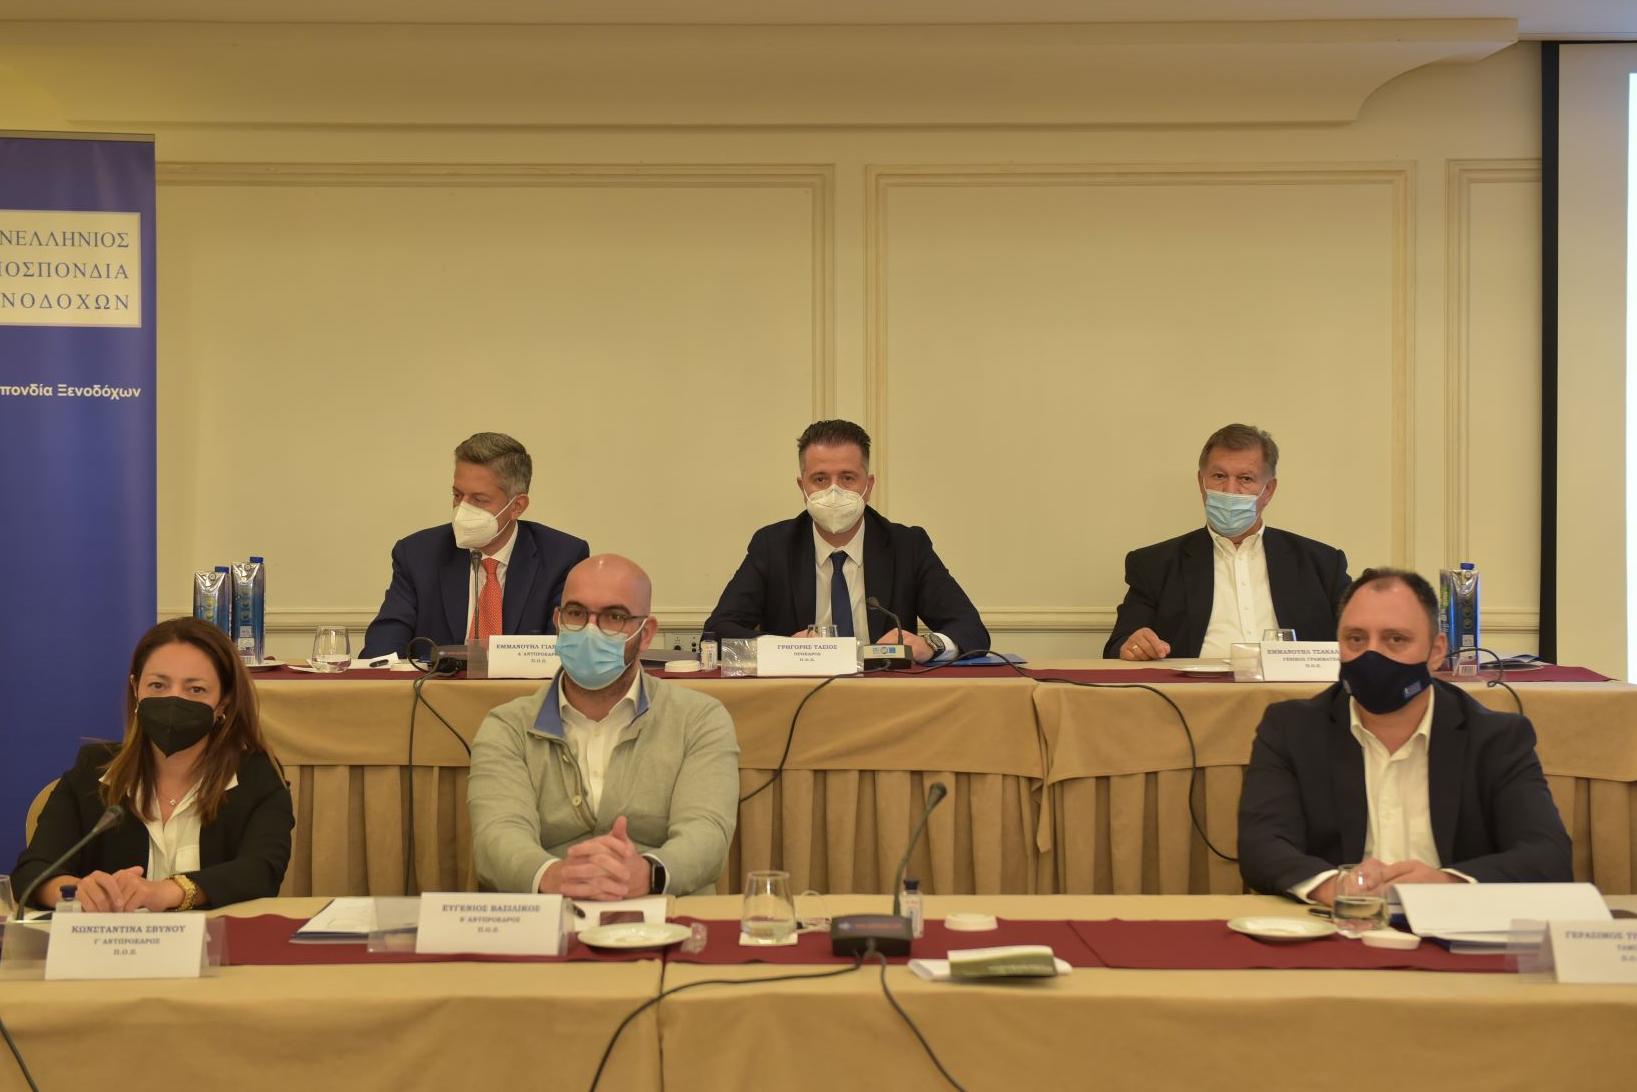 Γενική Συνέλευση της ΠΟΞ, παρουσία Κικίλια [εικόνες]